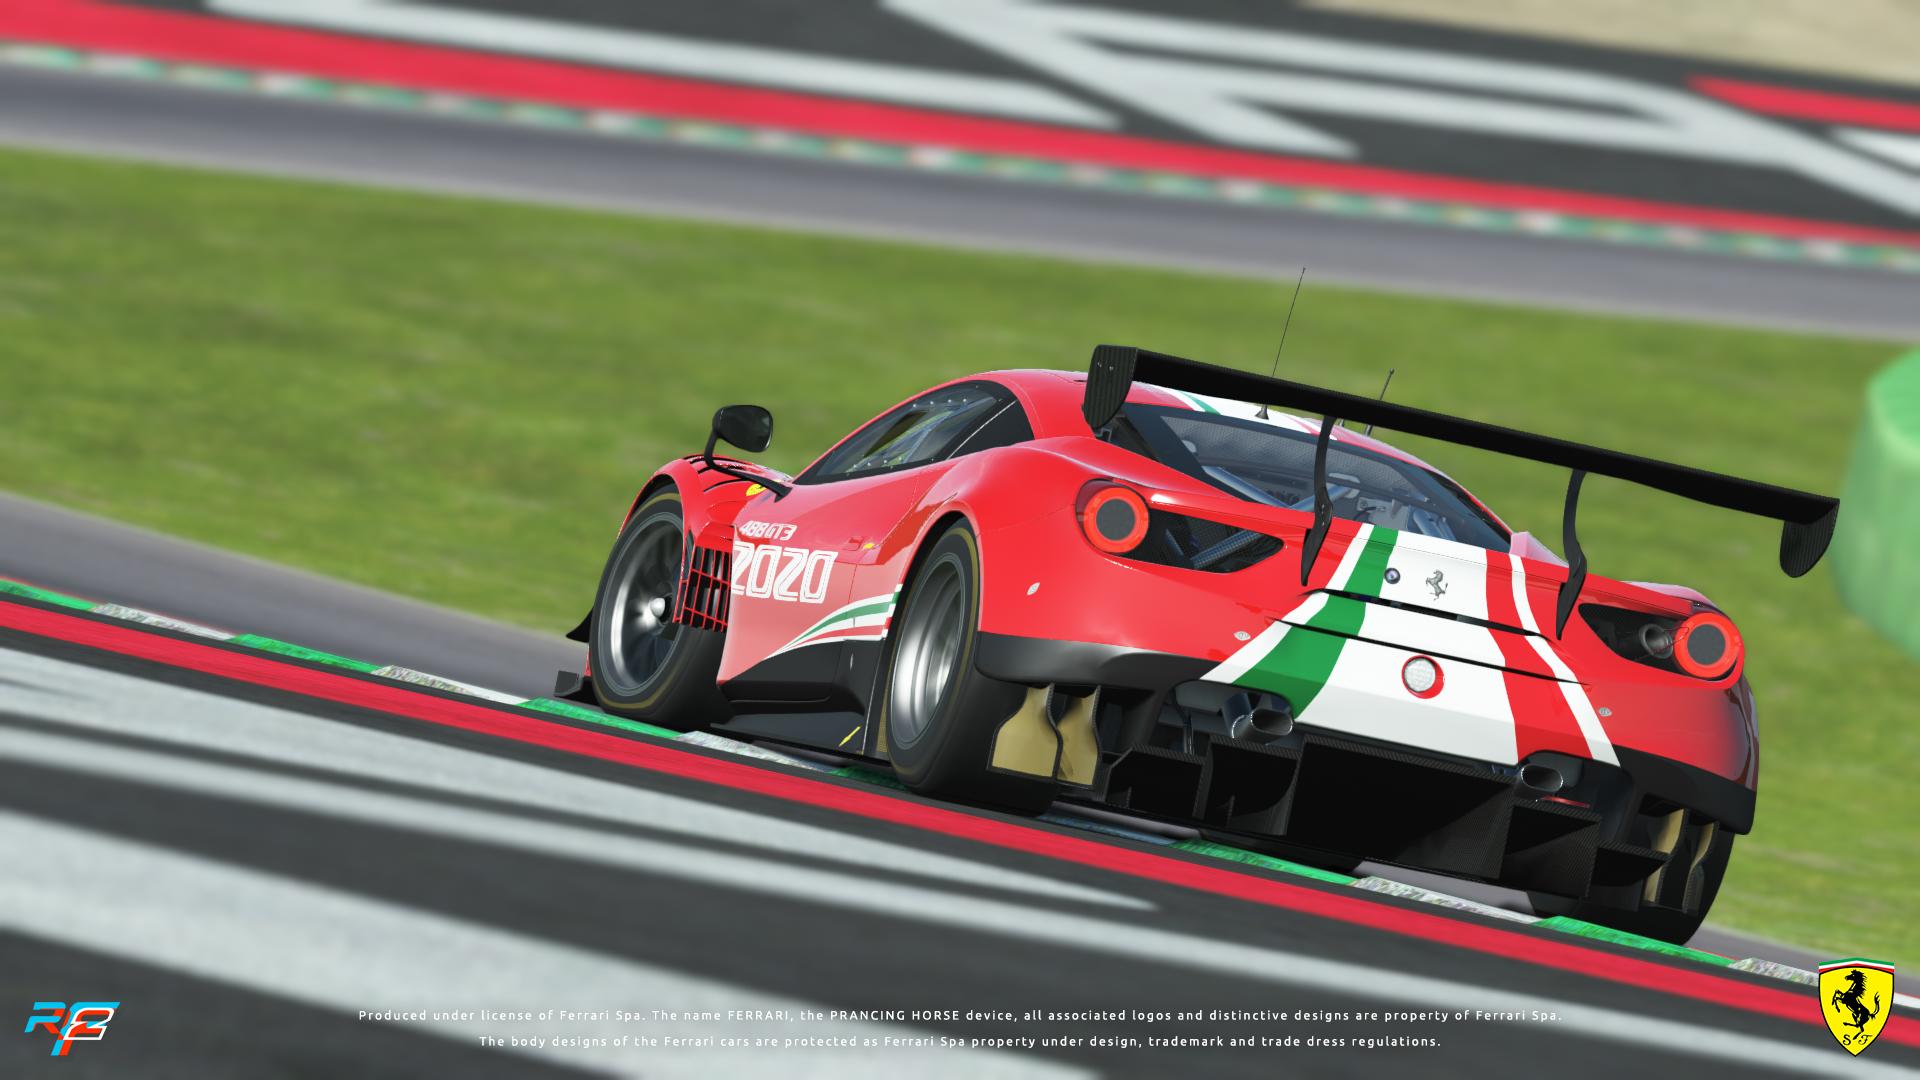 rFactor_2_Ferrari_488_GT3_EVO_2020_10.jp